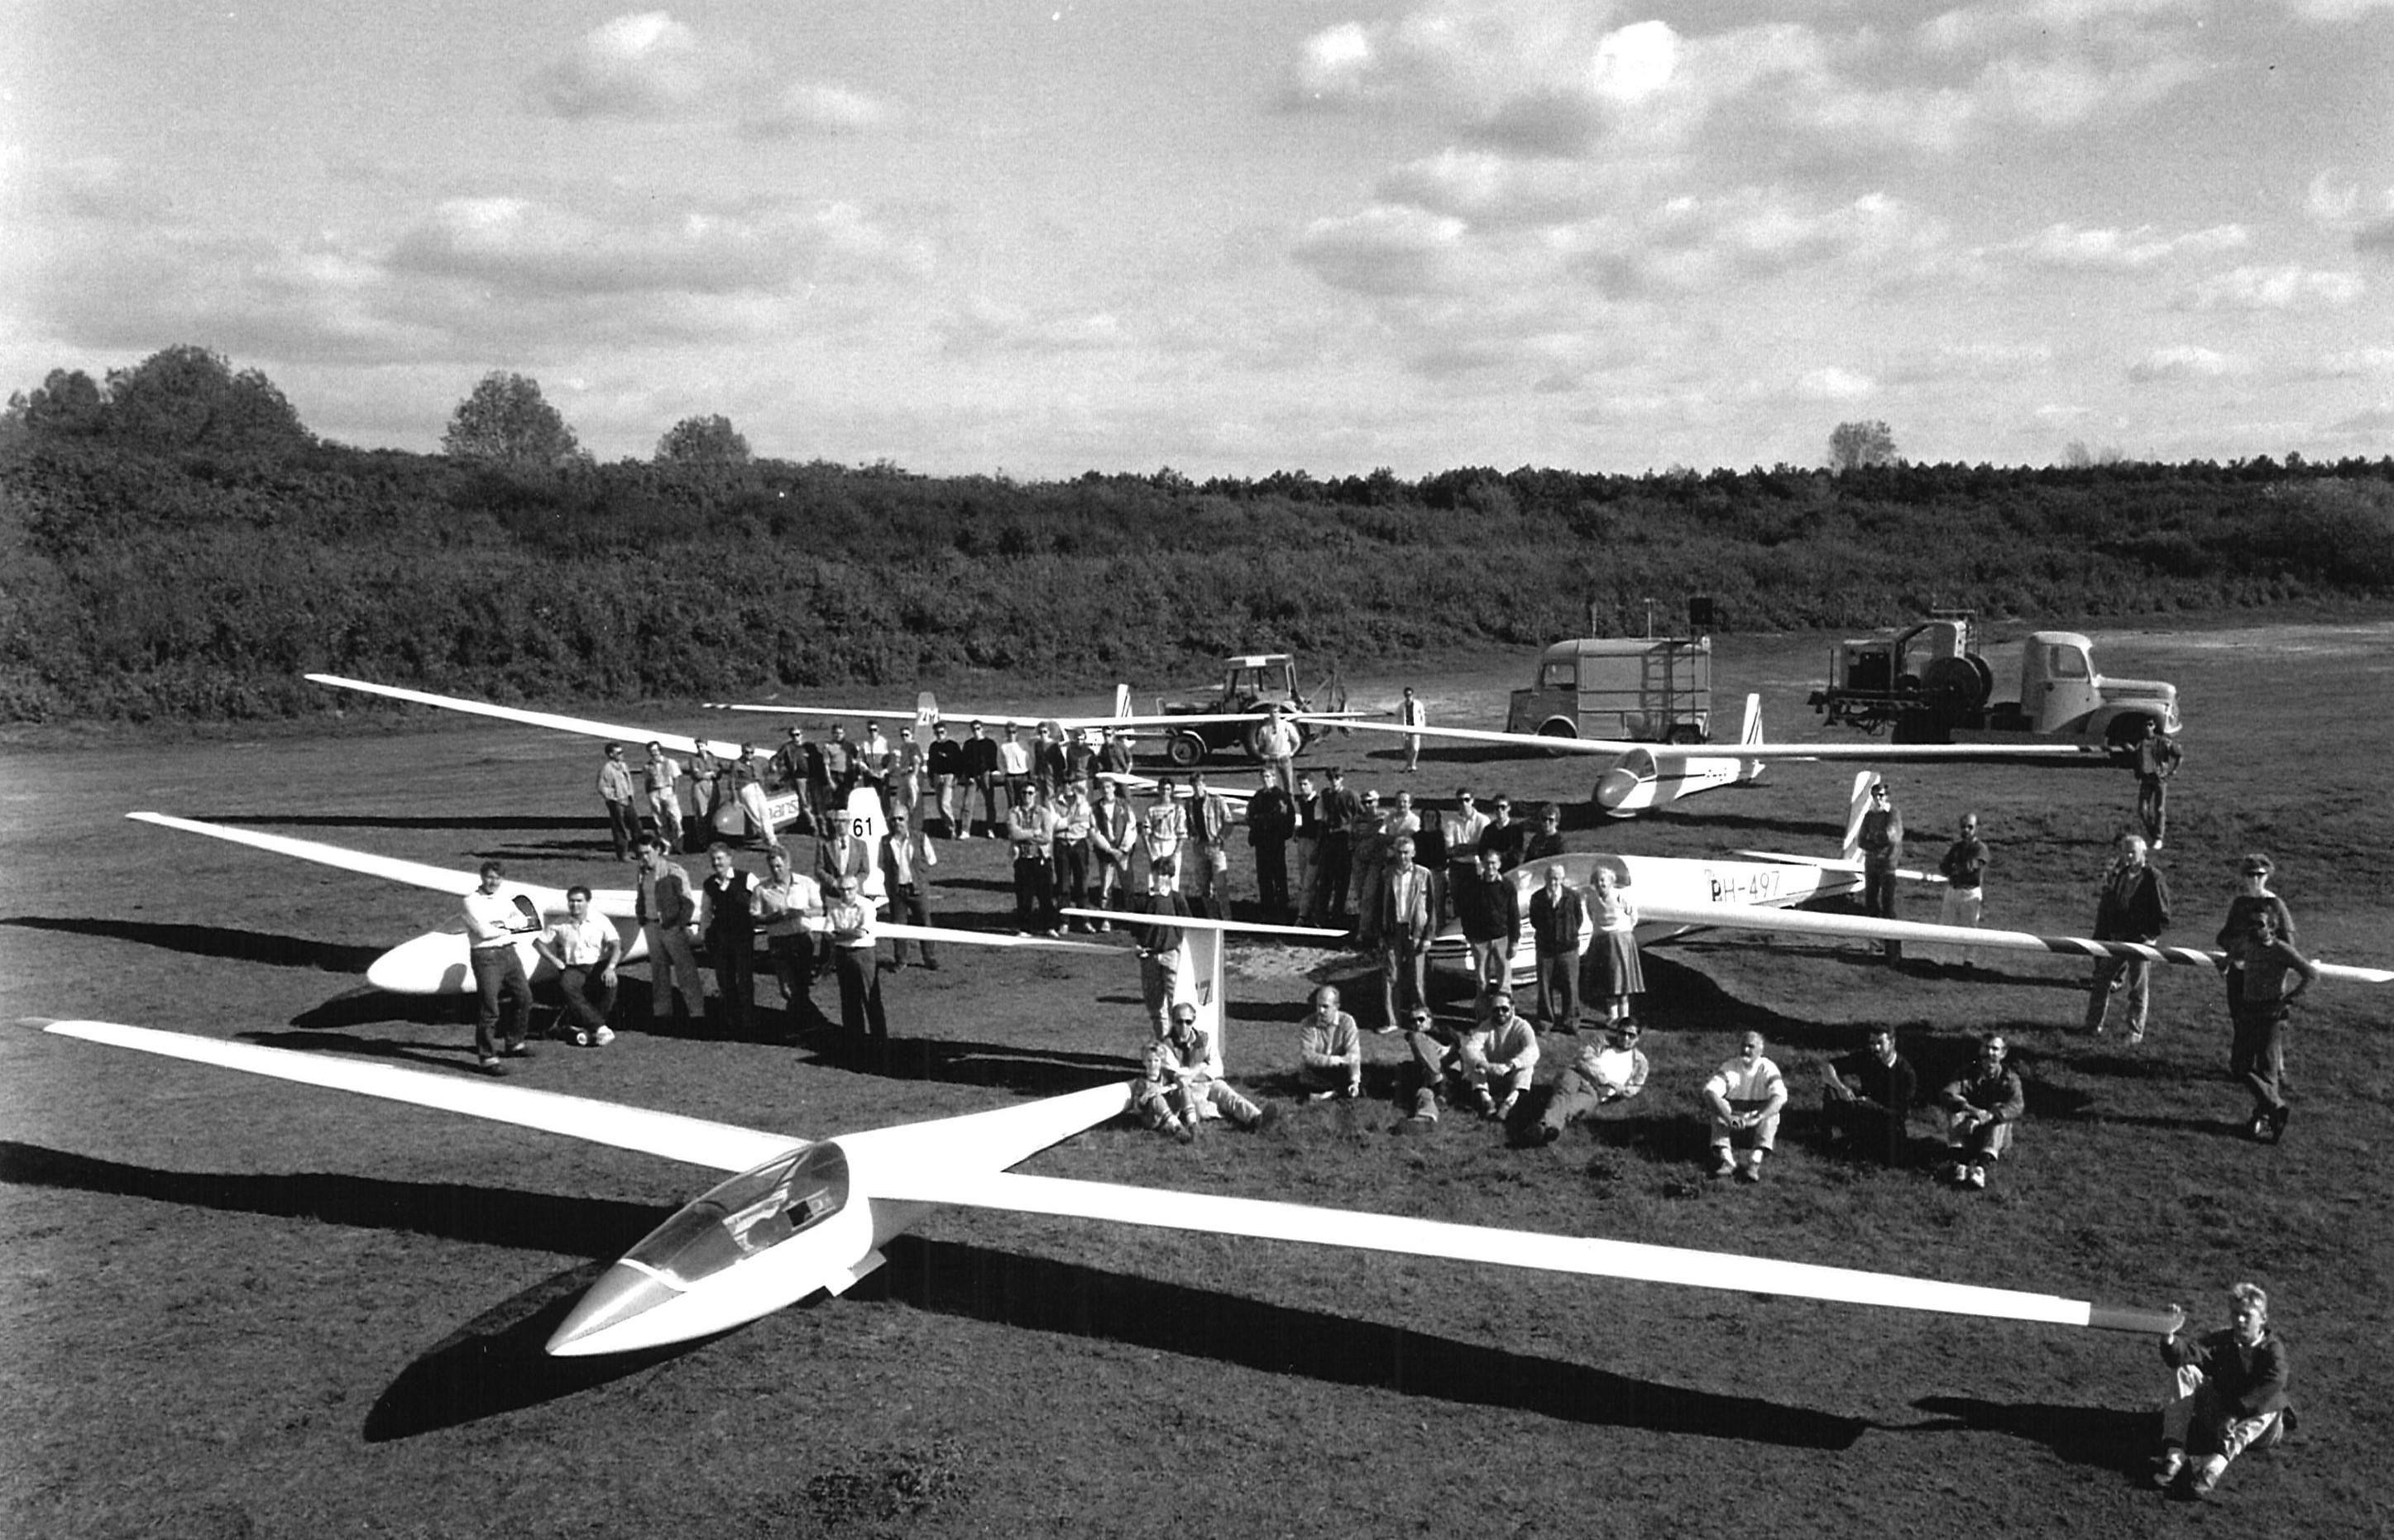 Piet Booy kon 'toveren met hout'. En zo ontstond het eerste 'vliegende krat'. Zweefvlieggeschiedenis was geboren